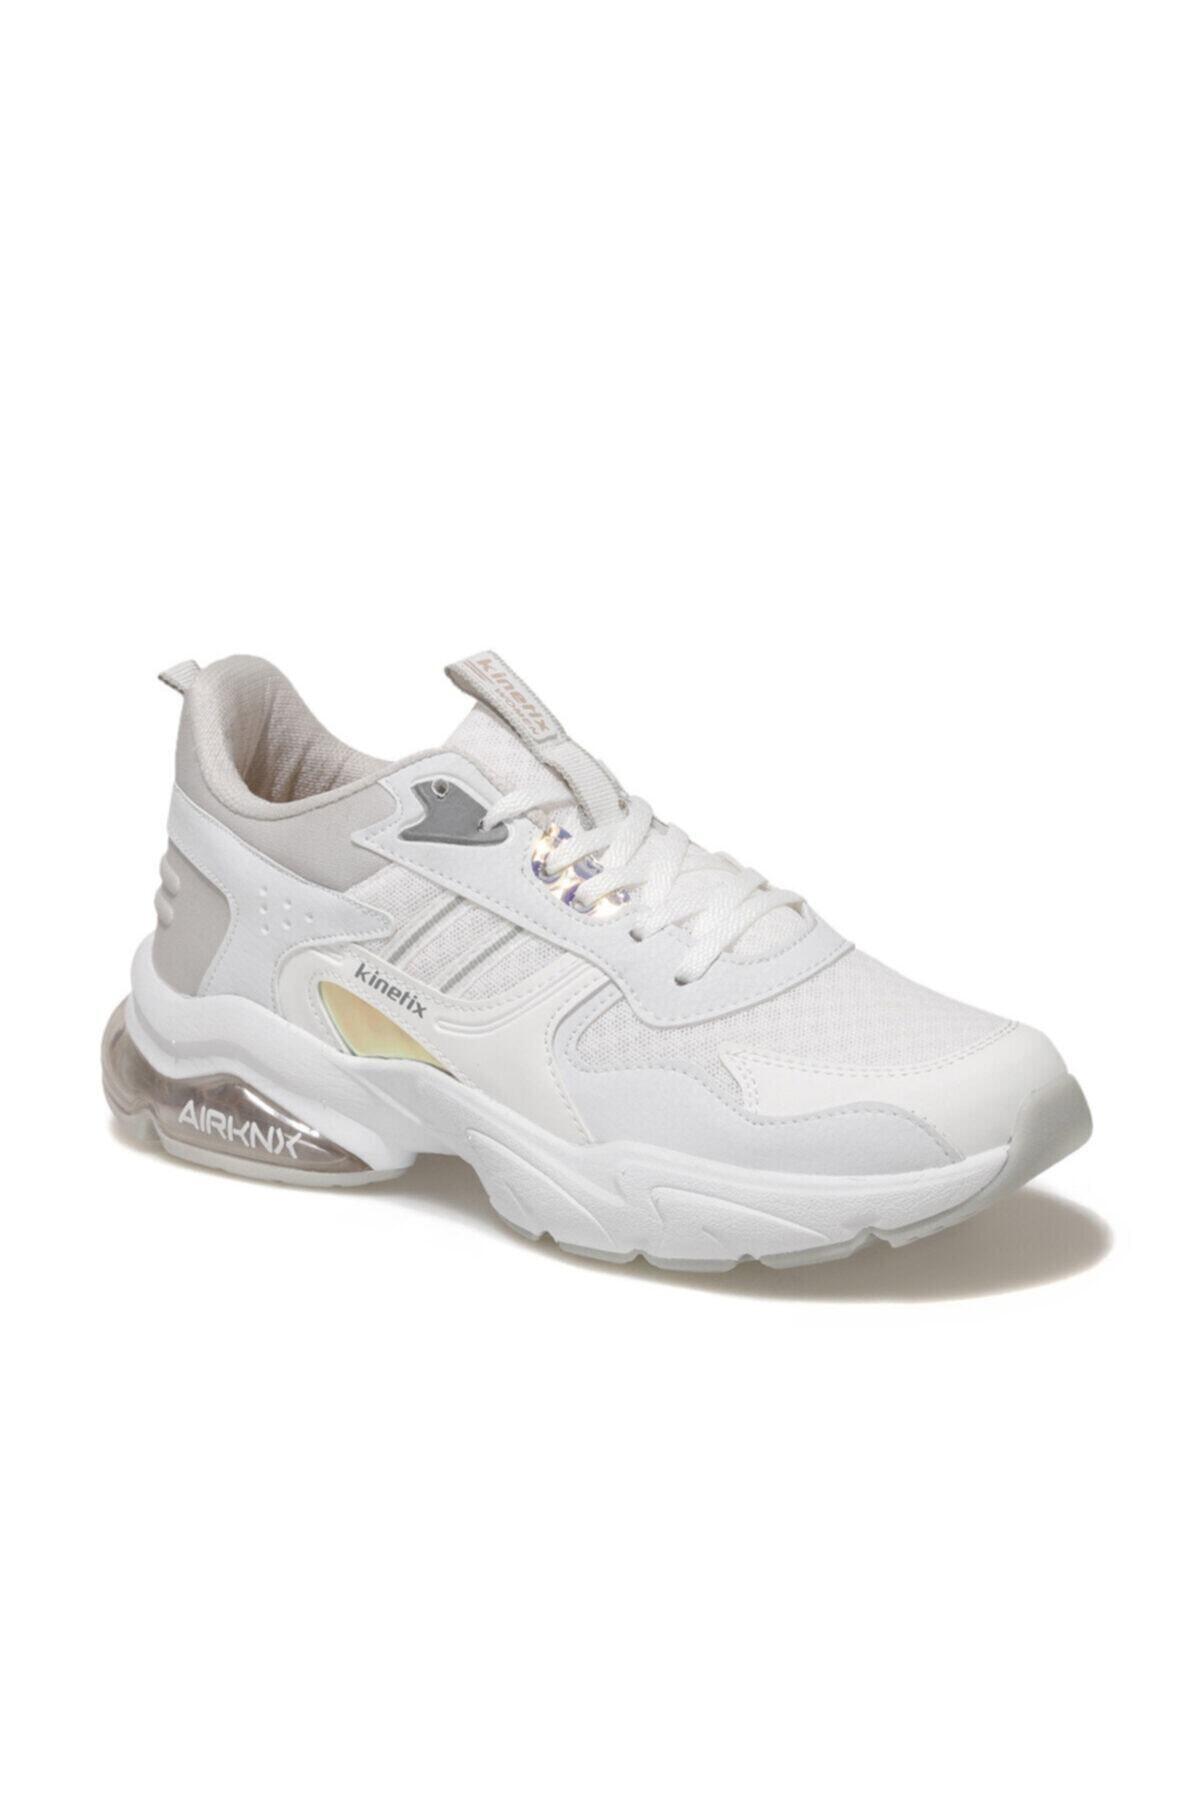 Kinetix FIORA W Beyaz Kadın Koşu Ayakkabısı 100538643 1